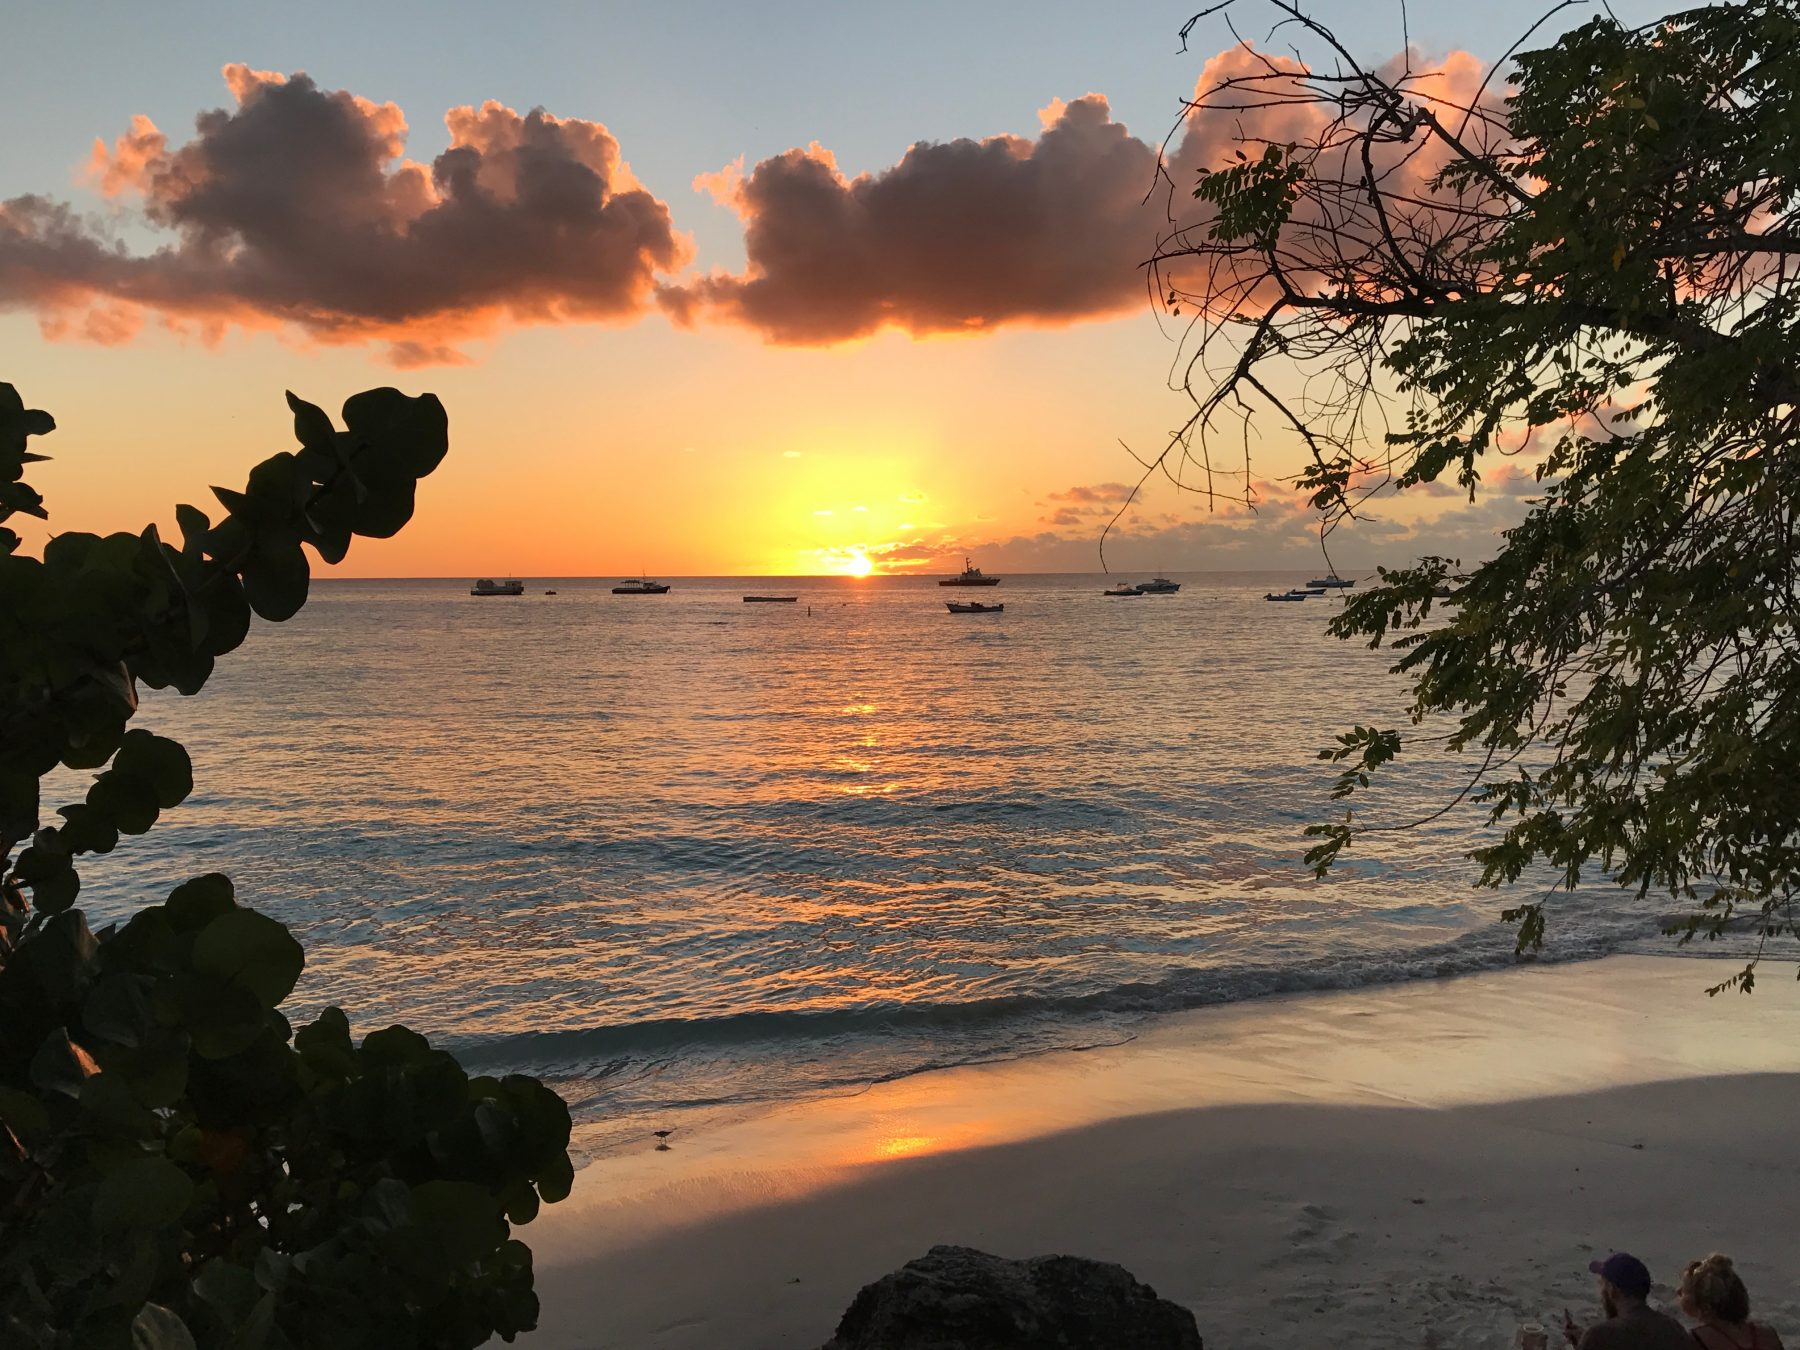 sunset for inspiration